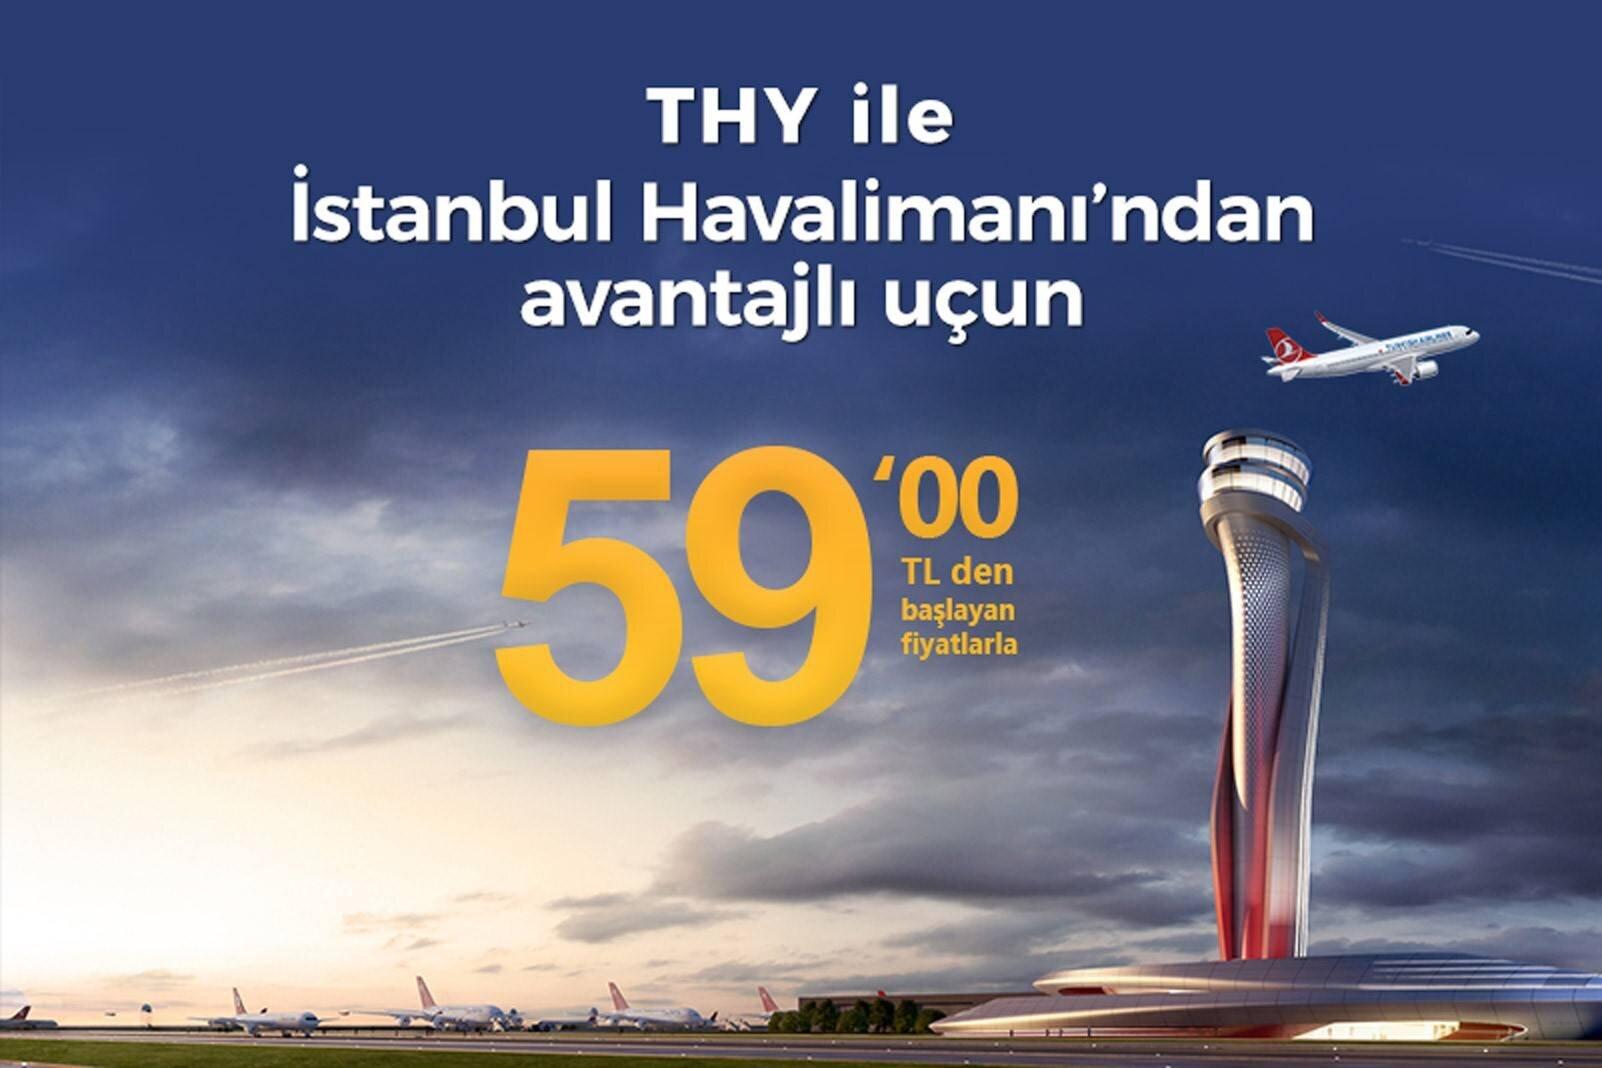 THY ile 59 TL'ye Yeni Havalimanından Avantajlı Uçun!